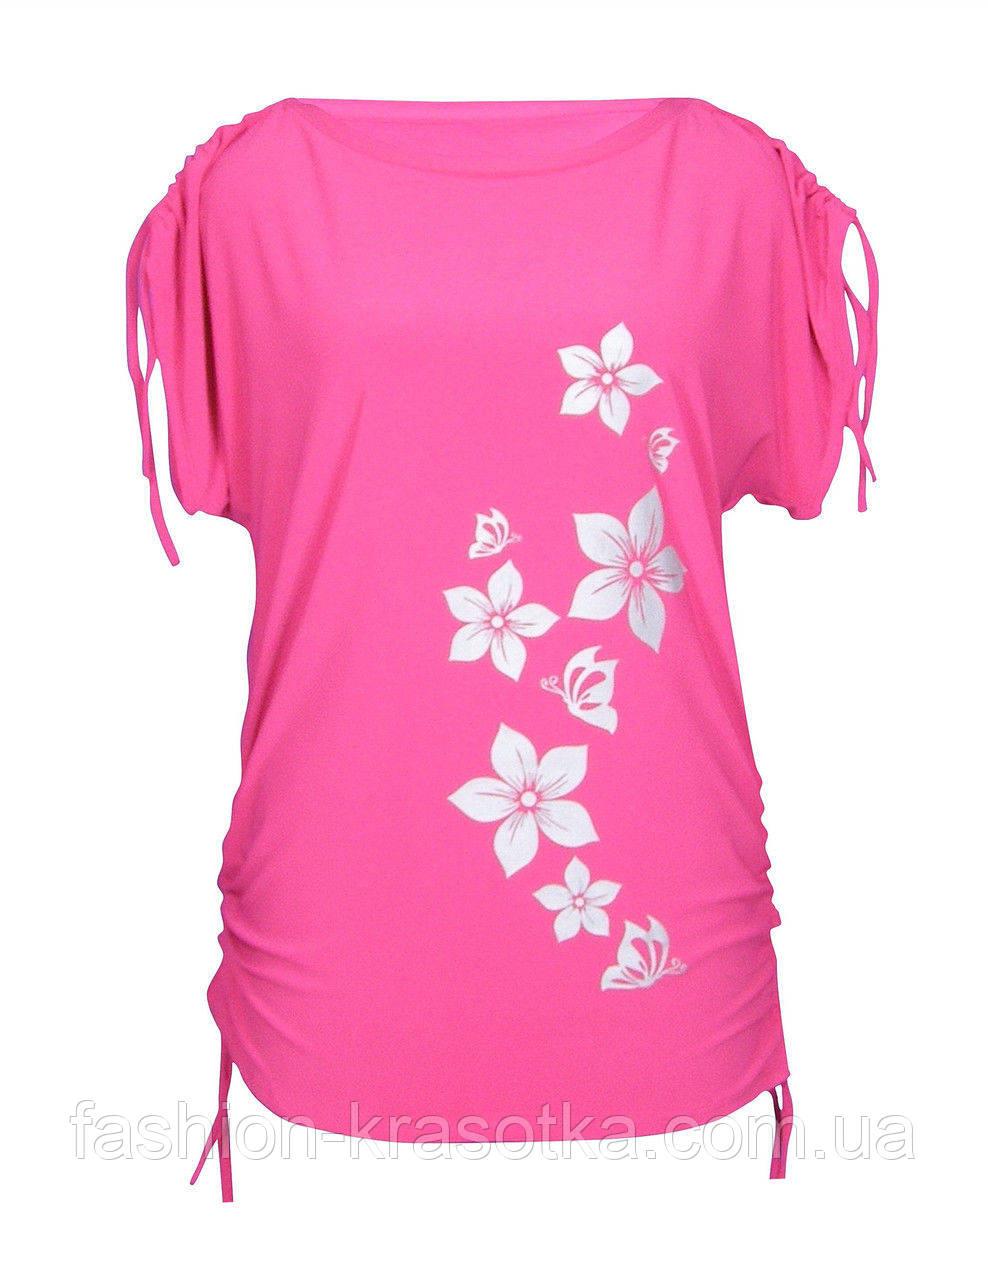 Туника на лето Цветы - прямой крой - короткий рукав